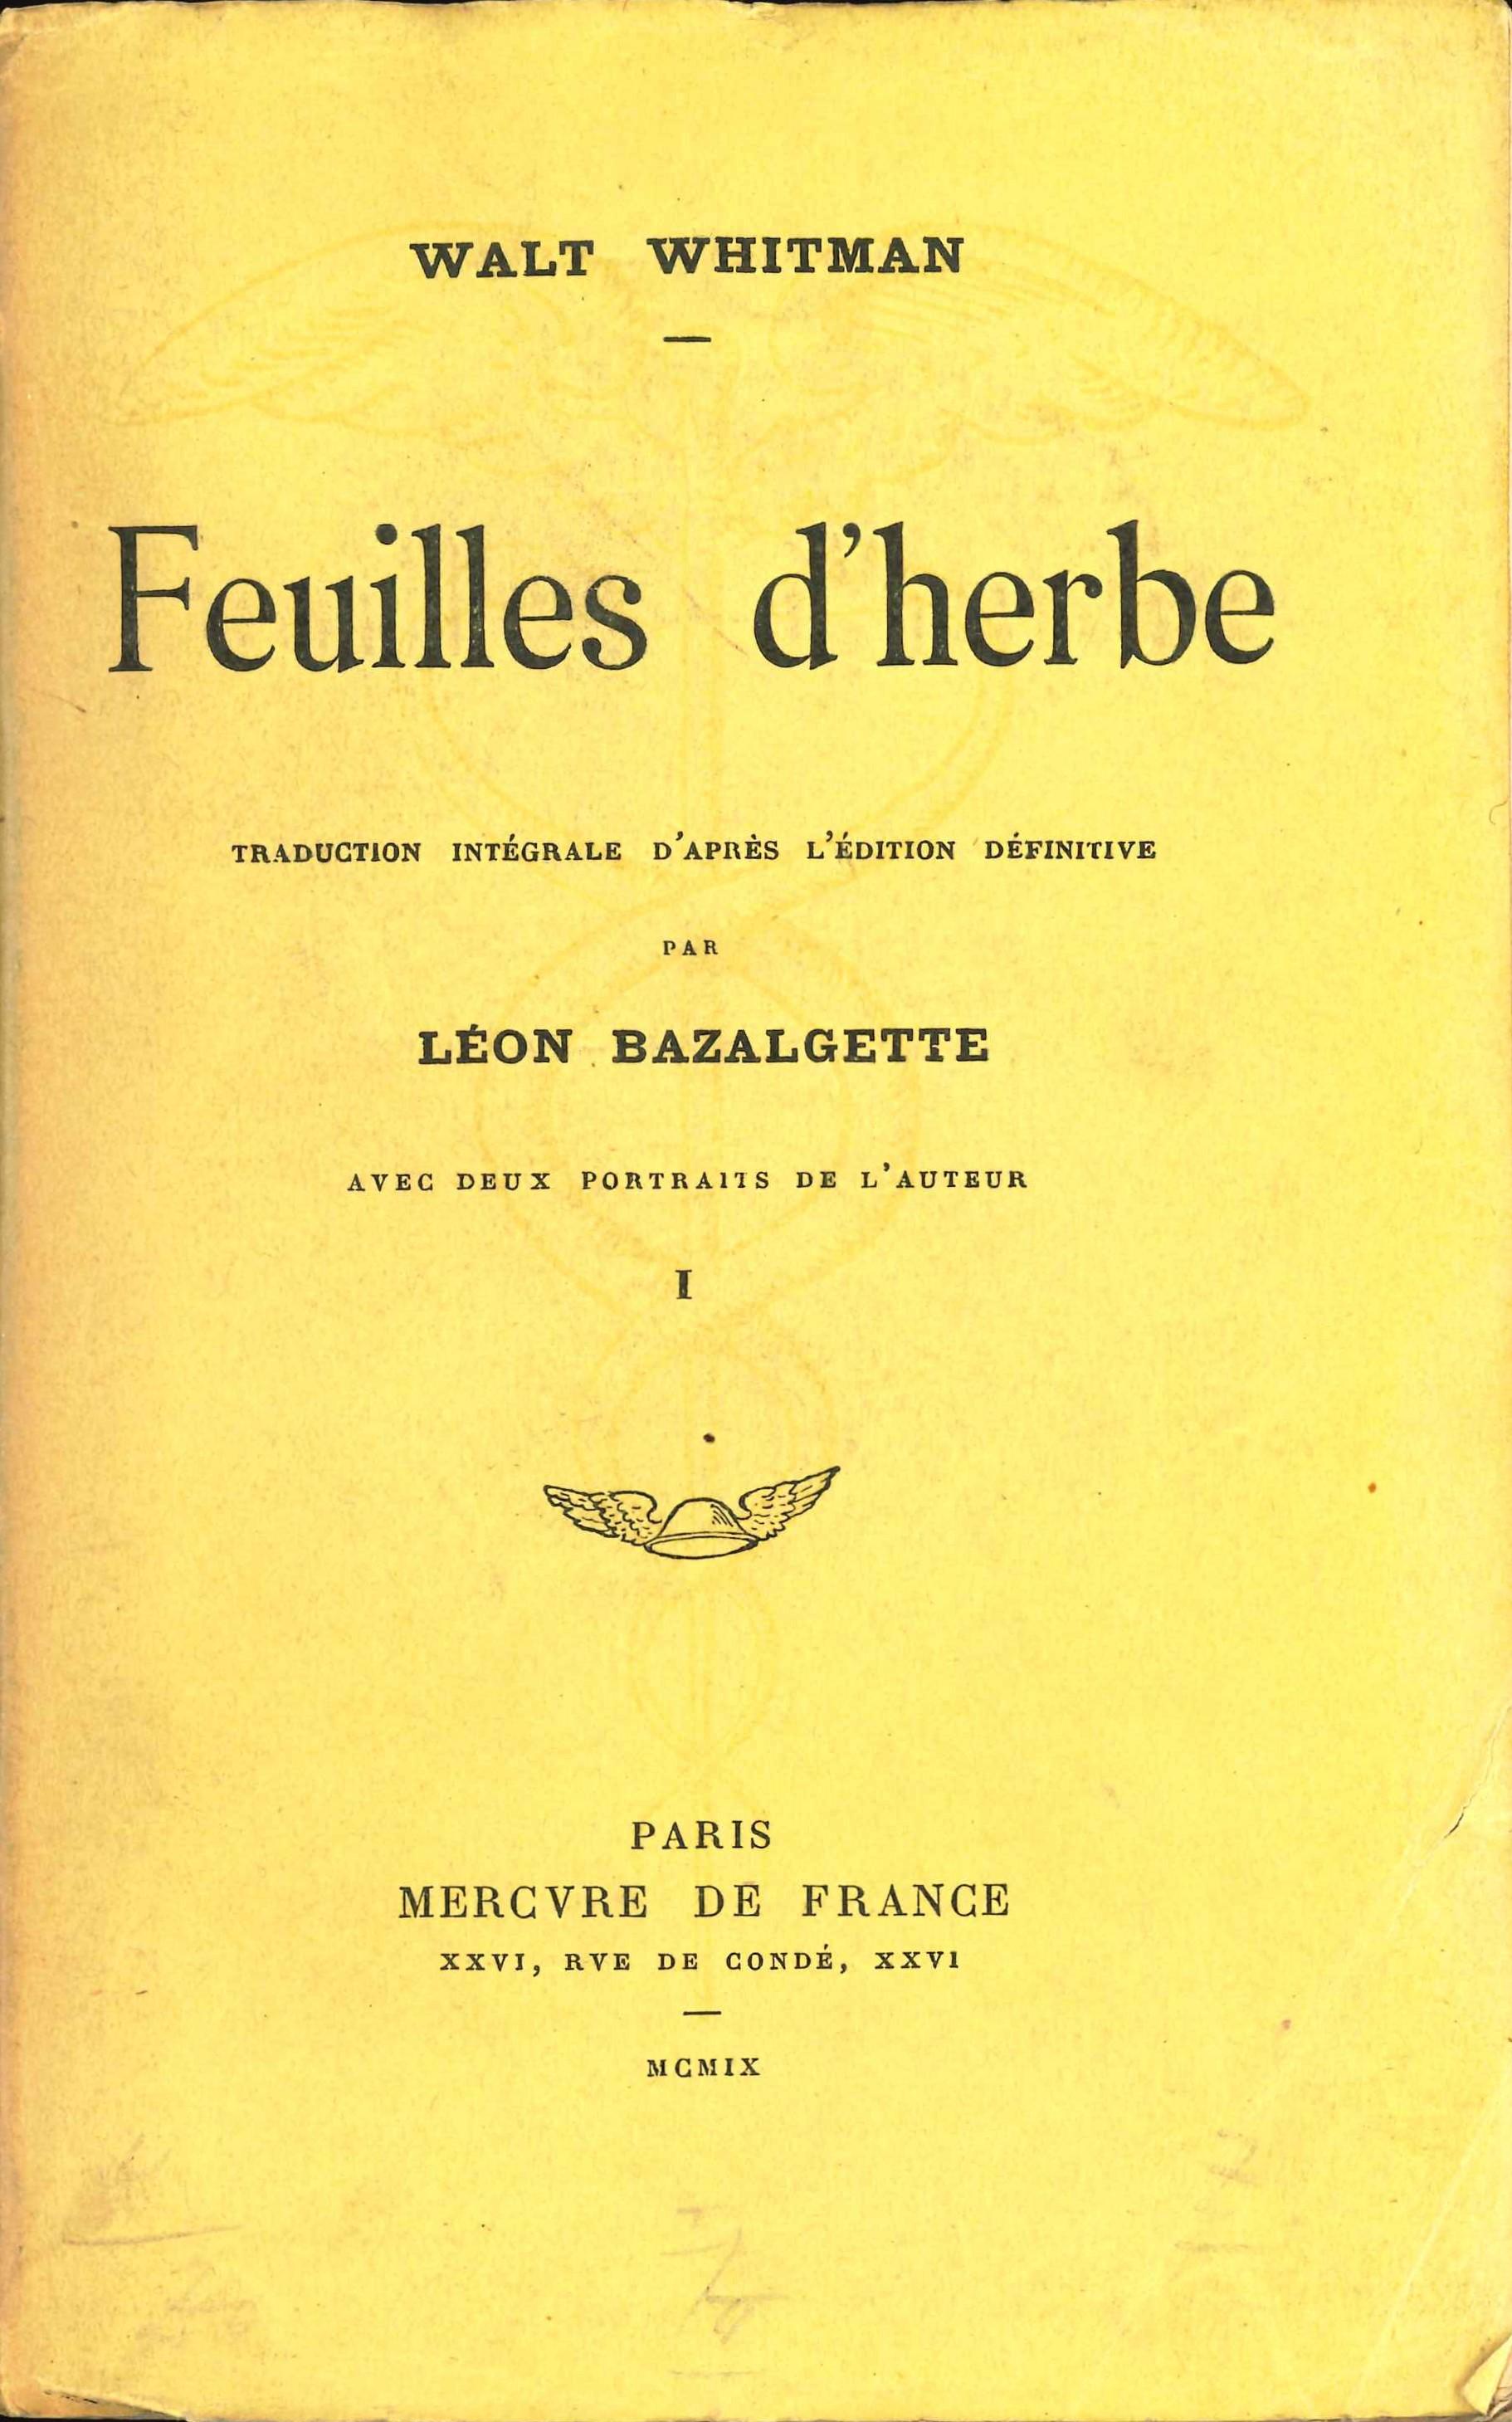 Walt Whitman. Feuilles d'Herbe. Translated by Léon Bazalgette. Paris: Mercure de France, 1909. Two volumes, Vol. 1 displayed.